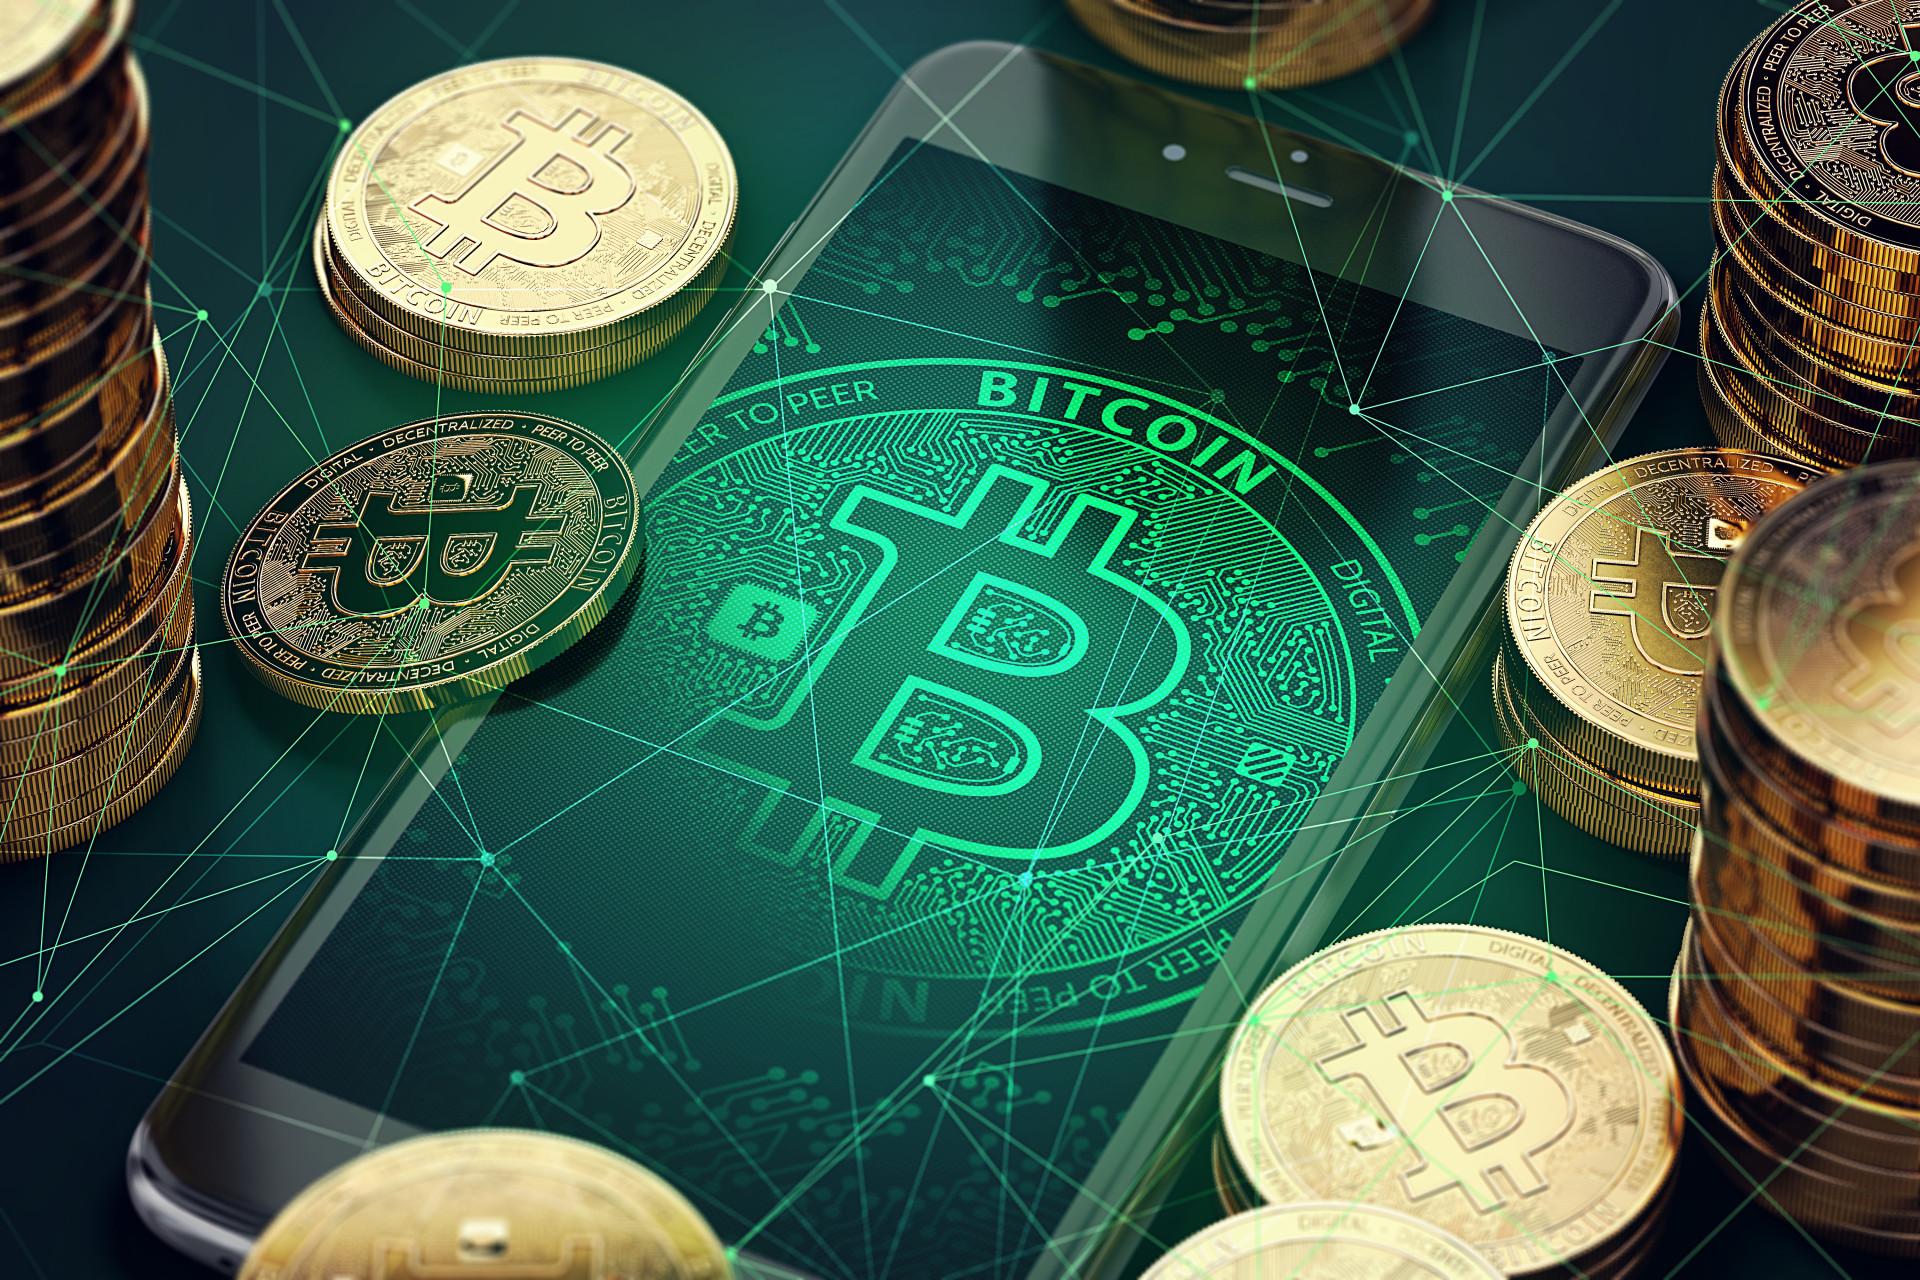 Bitcoin: Conheça melhor esta criptomoeda que tem atraído atenções